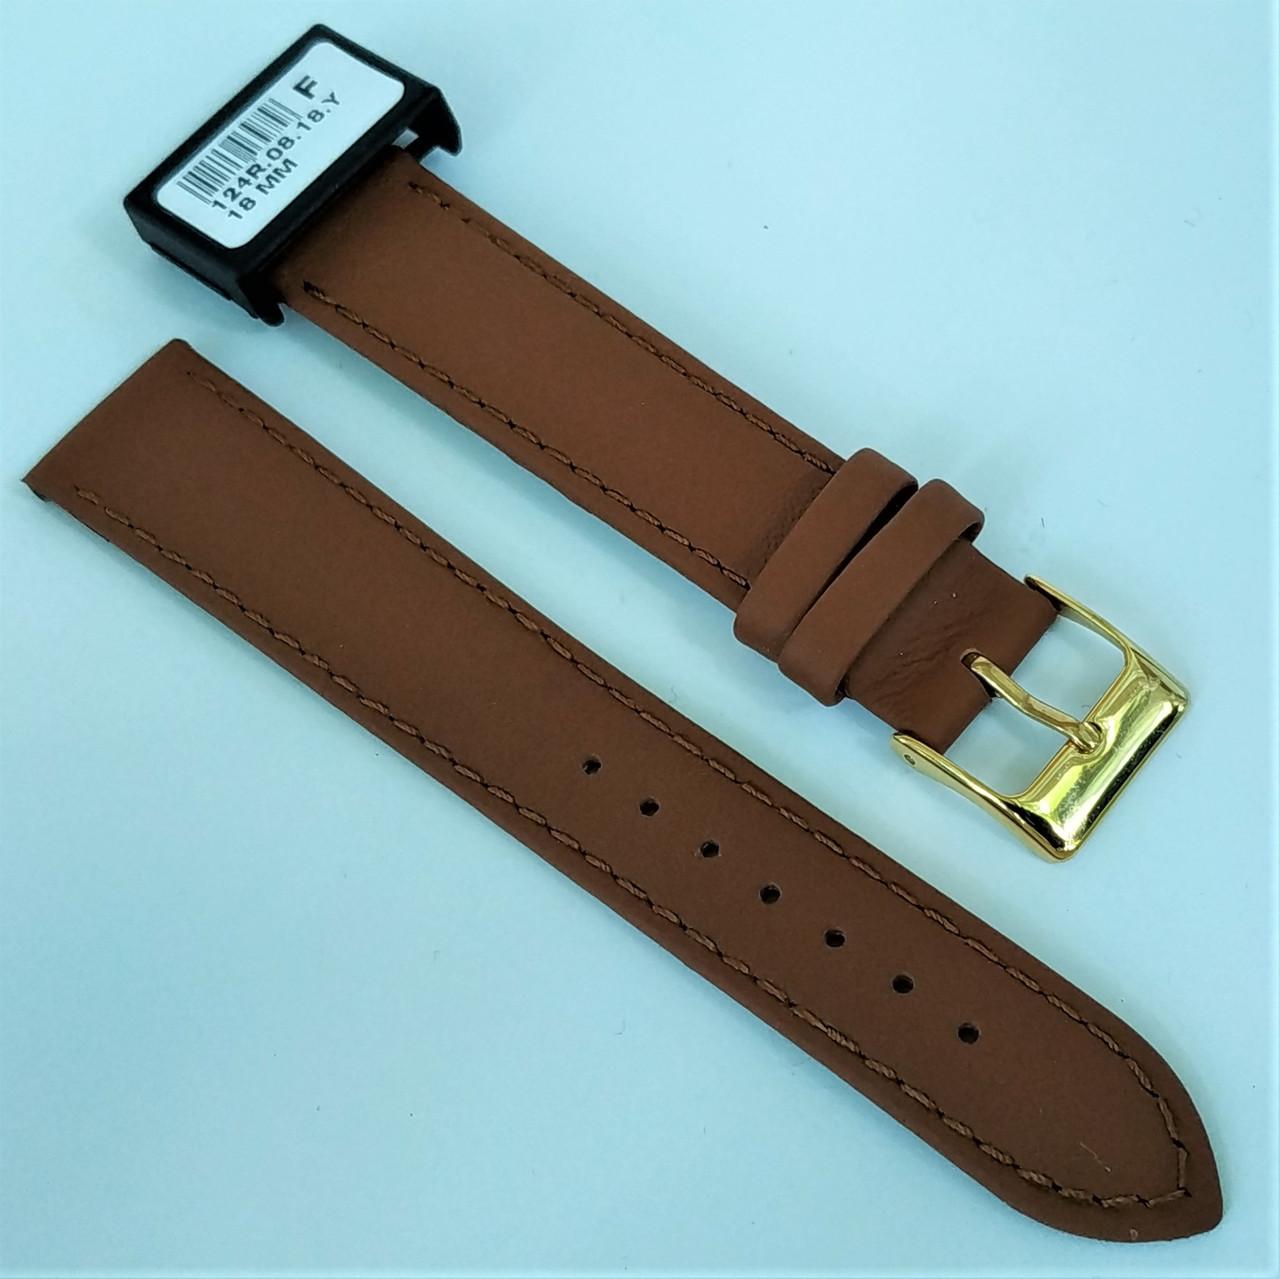 14 мм Кожаный Ремешок для часов CONDOR 124.14.08 Коричневый Ремешок на часы из Натуральной кожи